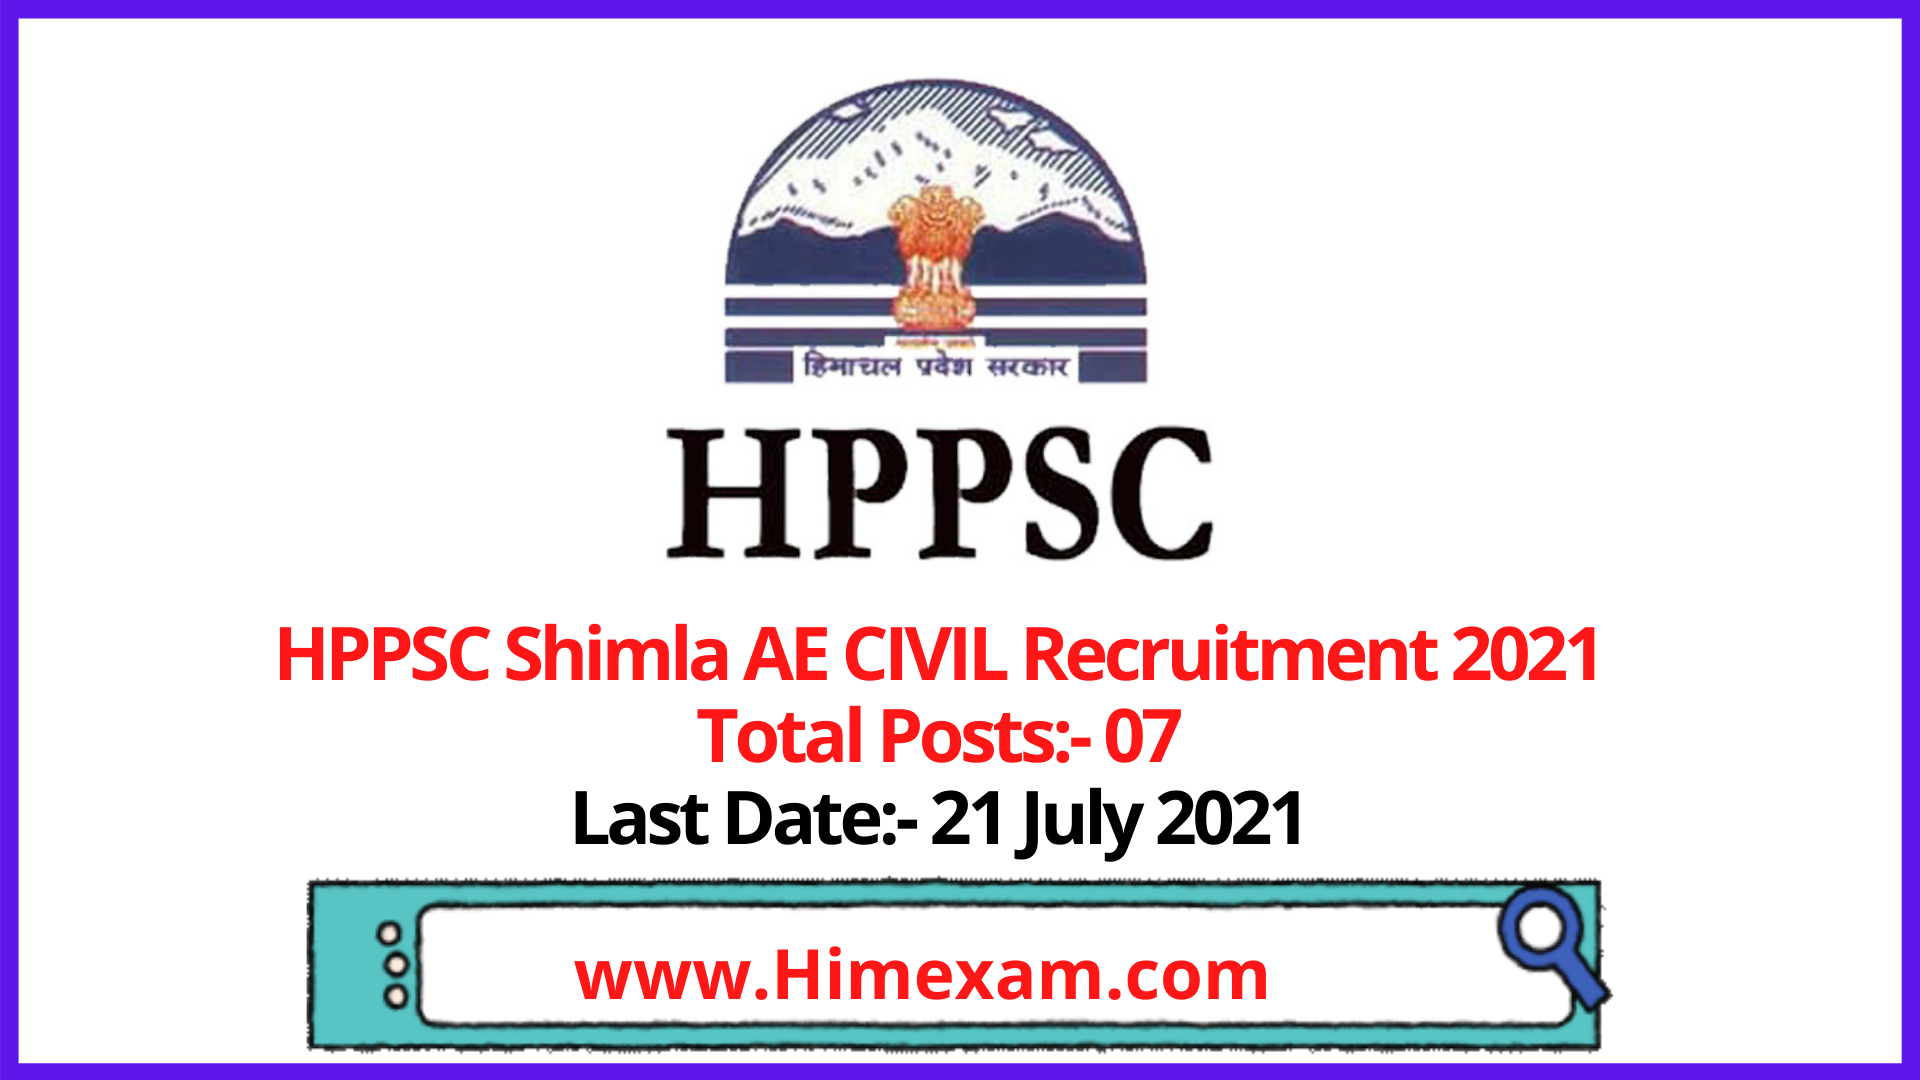 HPPSC Shimla AE CIVIL Recruitment 2021